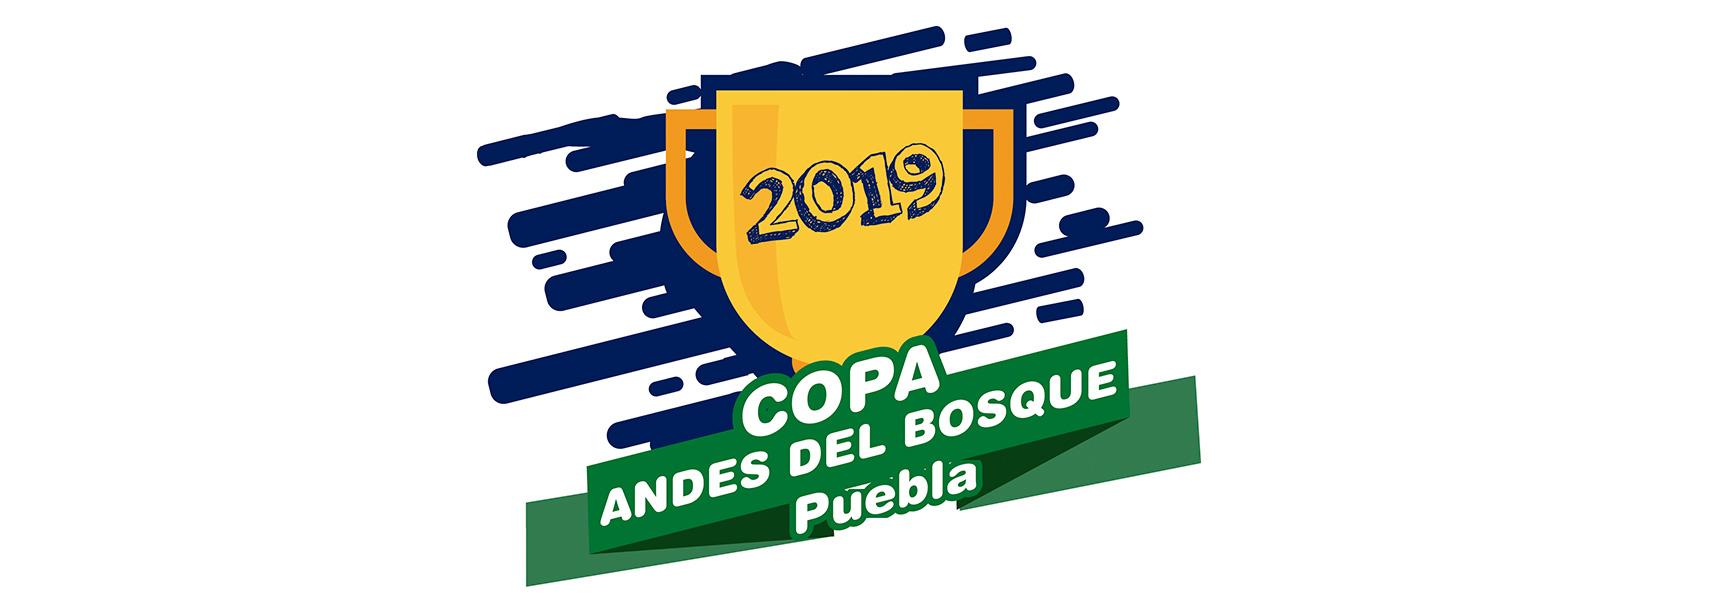 Torneo Copa Andes del Bosque Puebla 2019